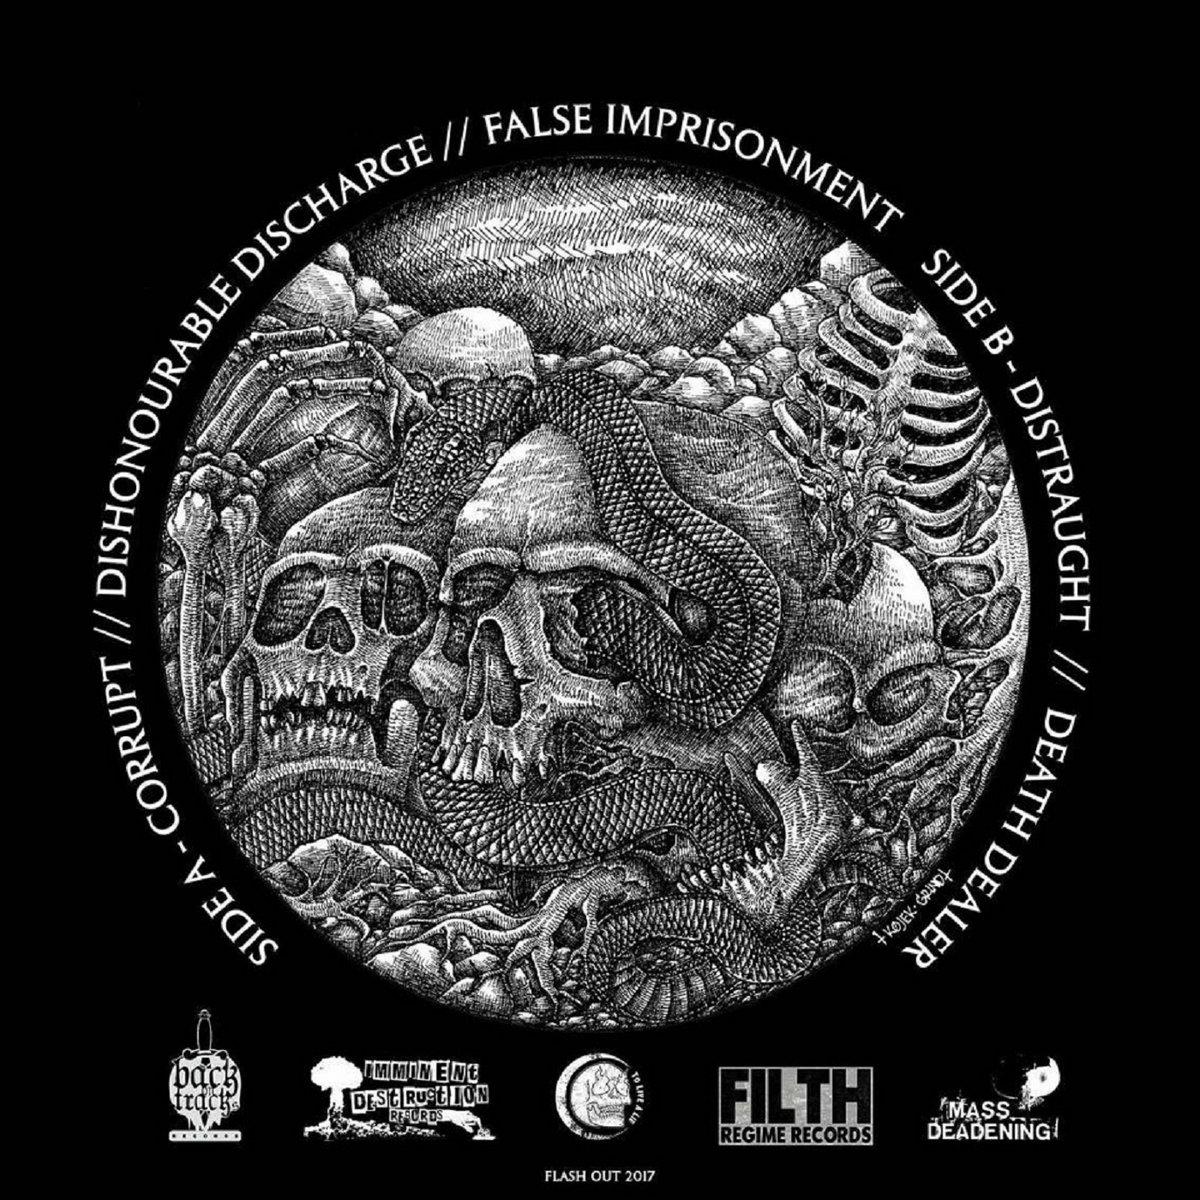 FLASH OUT - DEATH DEALER EP | Imminent Destruction Records